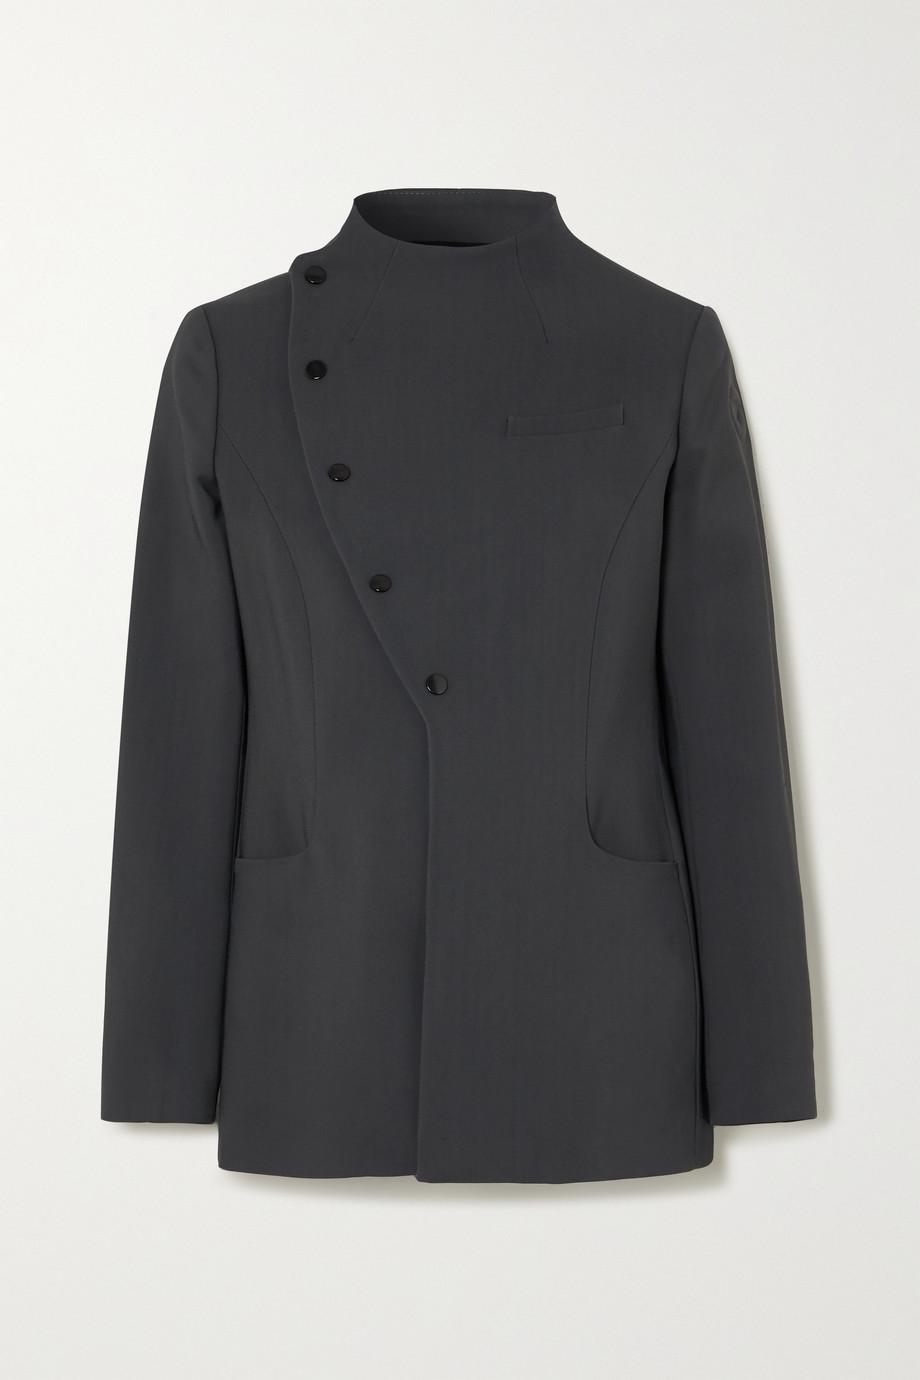 Coperni Asymmetric woven jacket